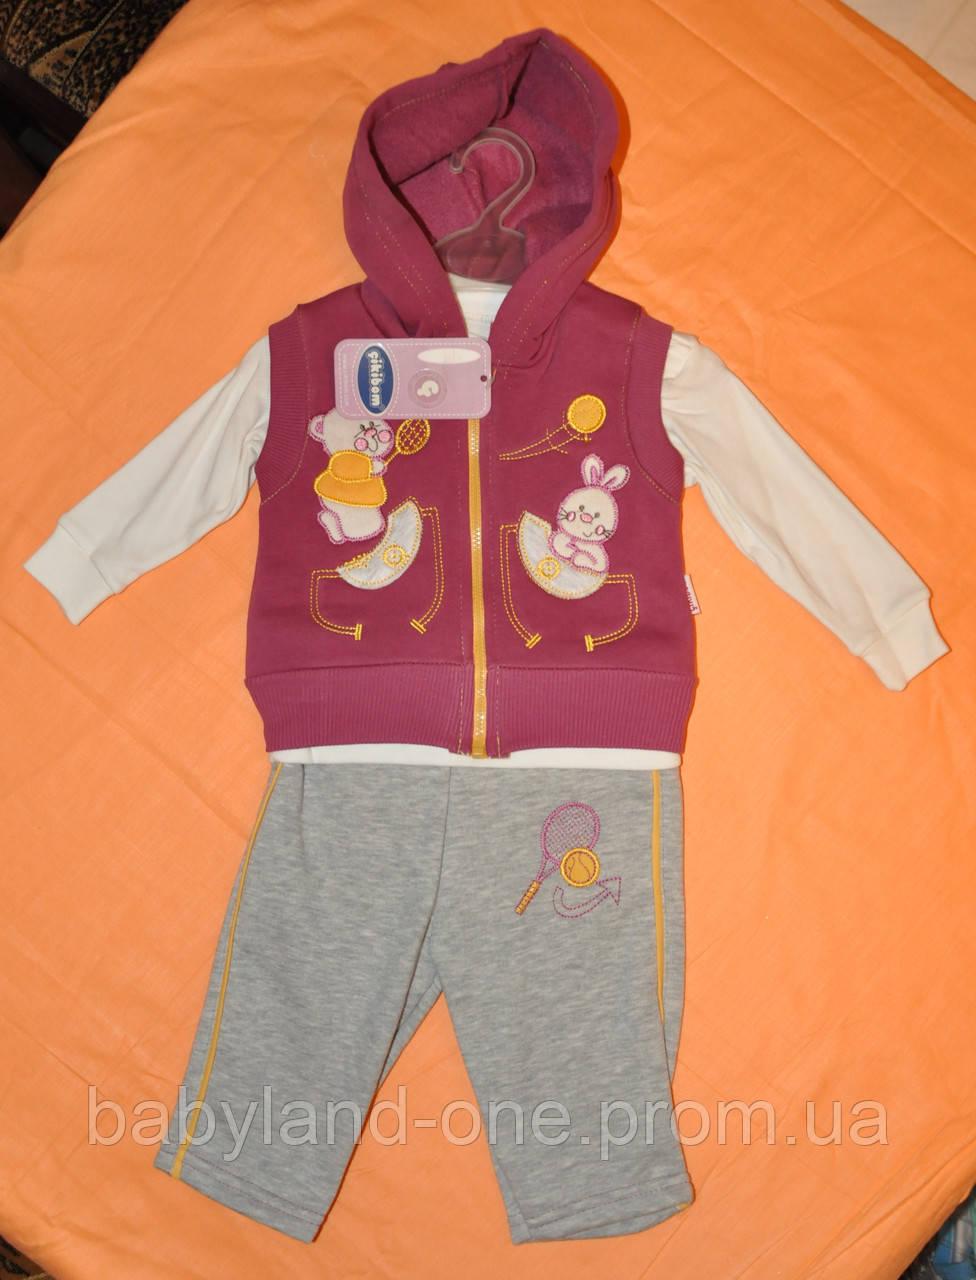 dfdb920b Теплый, Спортивный костюм 3 в 1 для девочки с начесиком, штаны, жилетка,